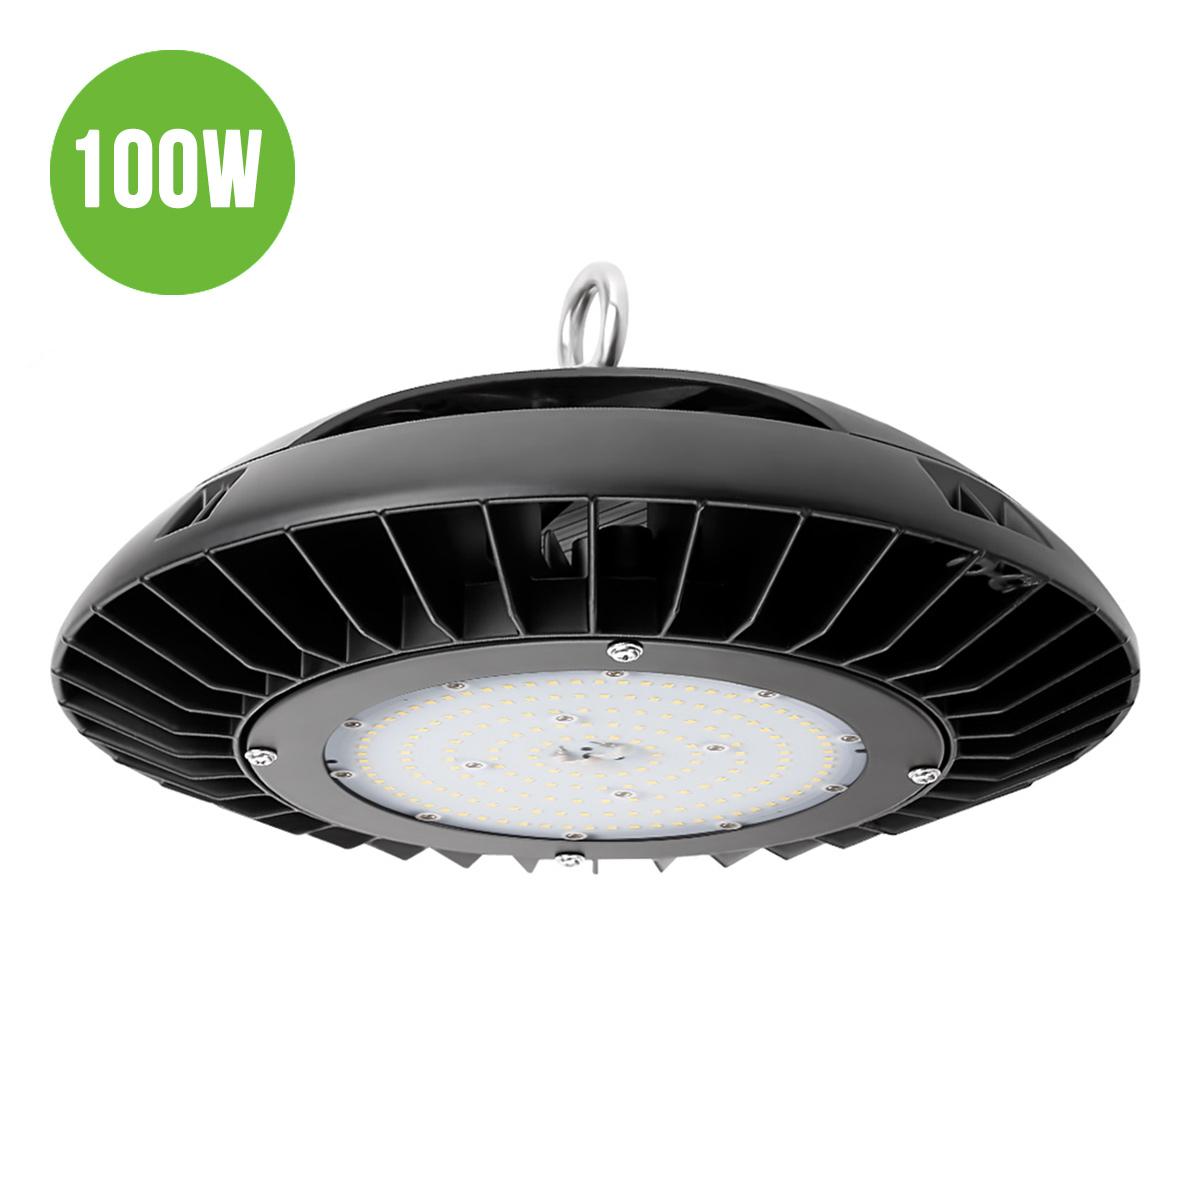 100W UFO LED Hallenstrahler, Dimmbar 10500lm Industrielampe, Ersatz für 200W HPS / MH , Wasserdicht, Kaltweiß